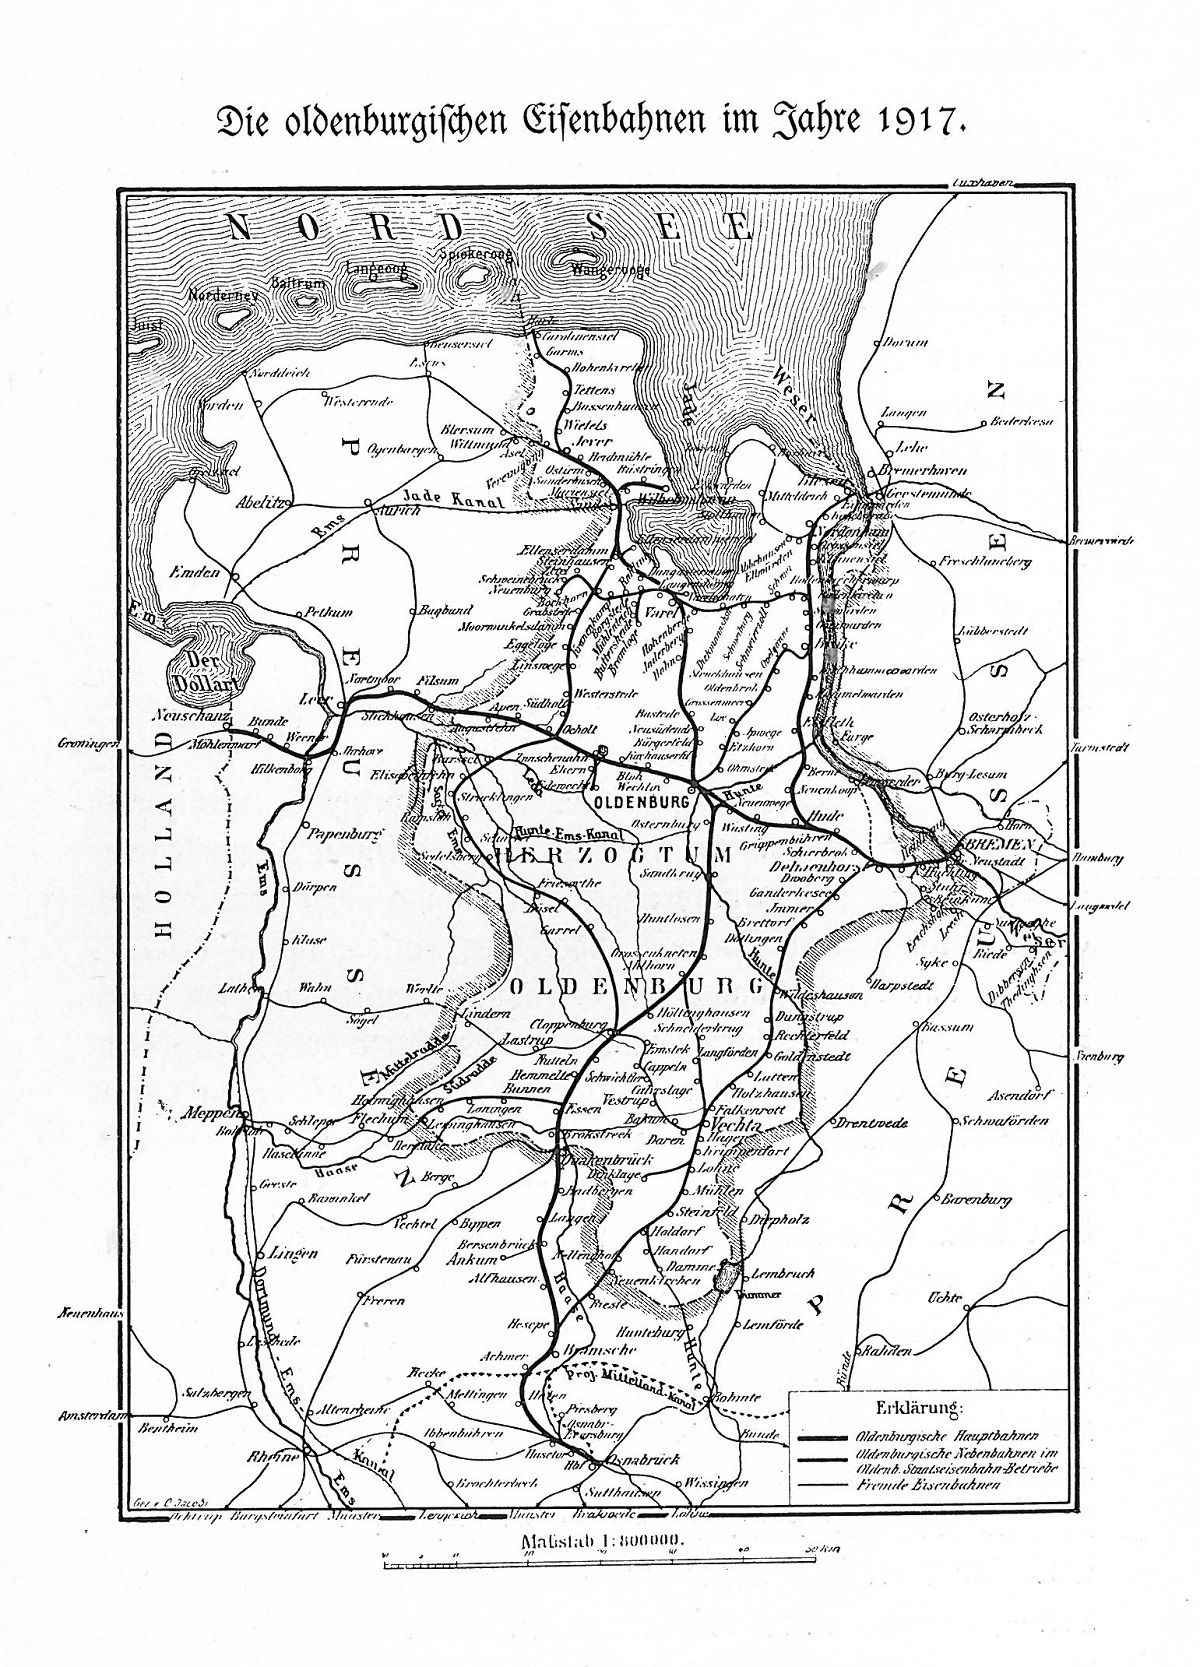 Streckenkarte der G.O.E. von 1917